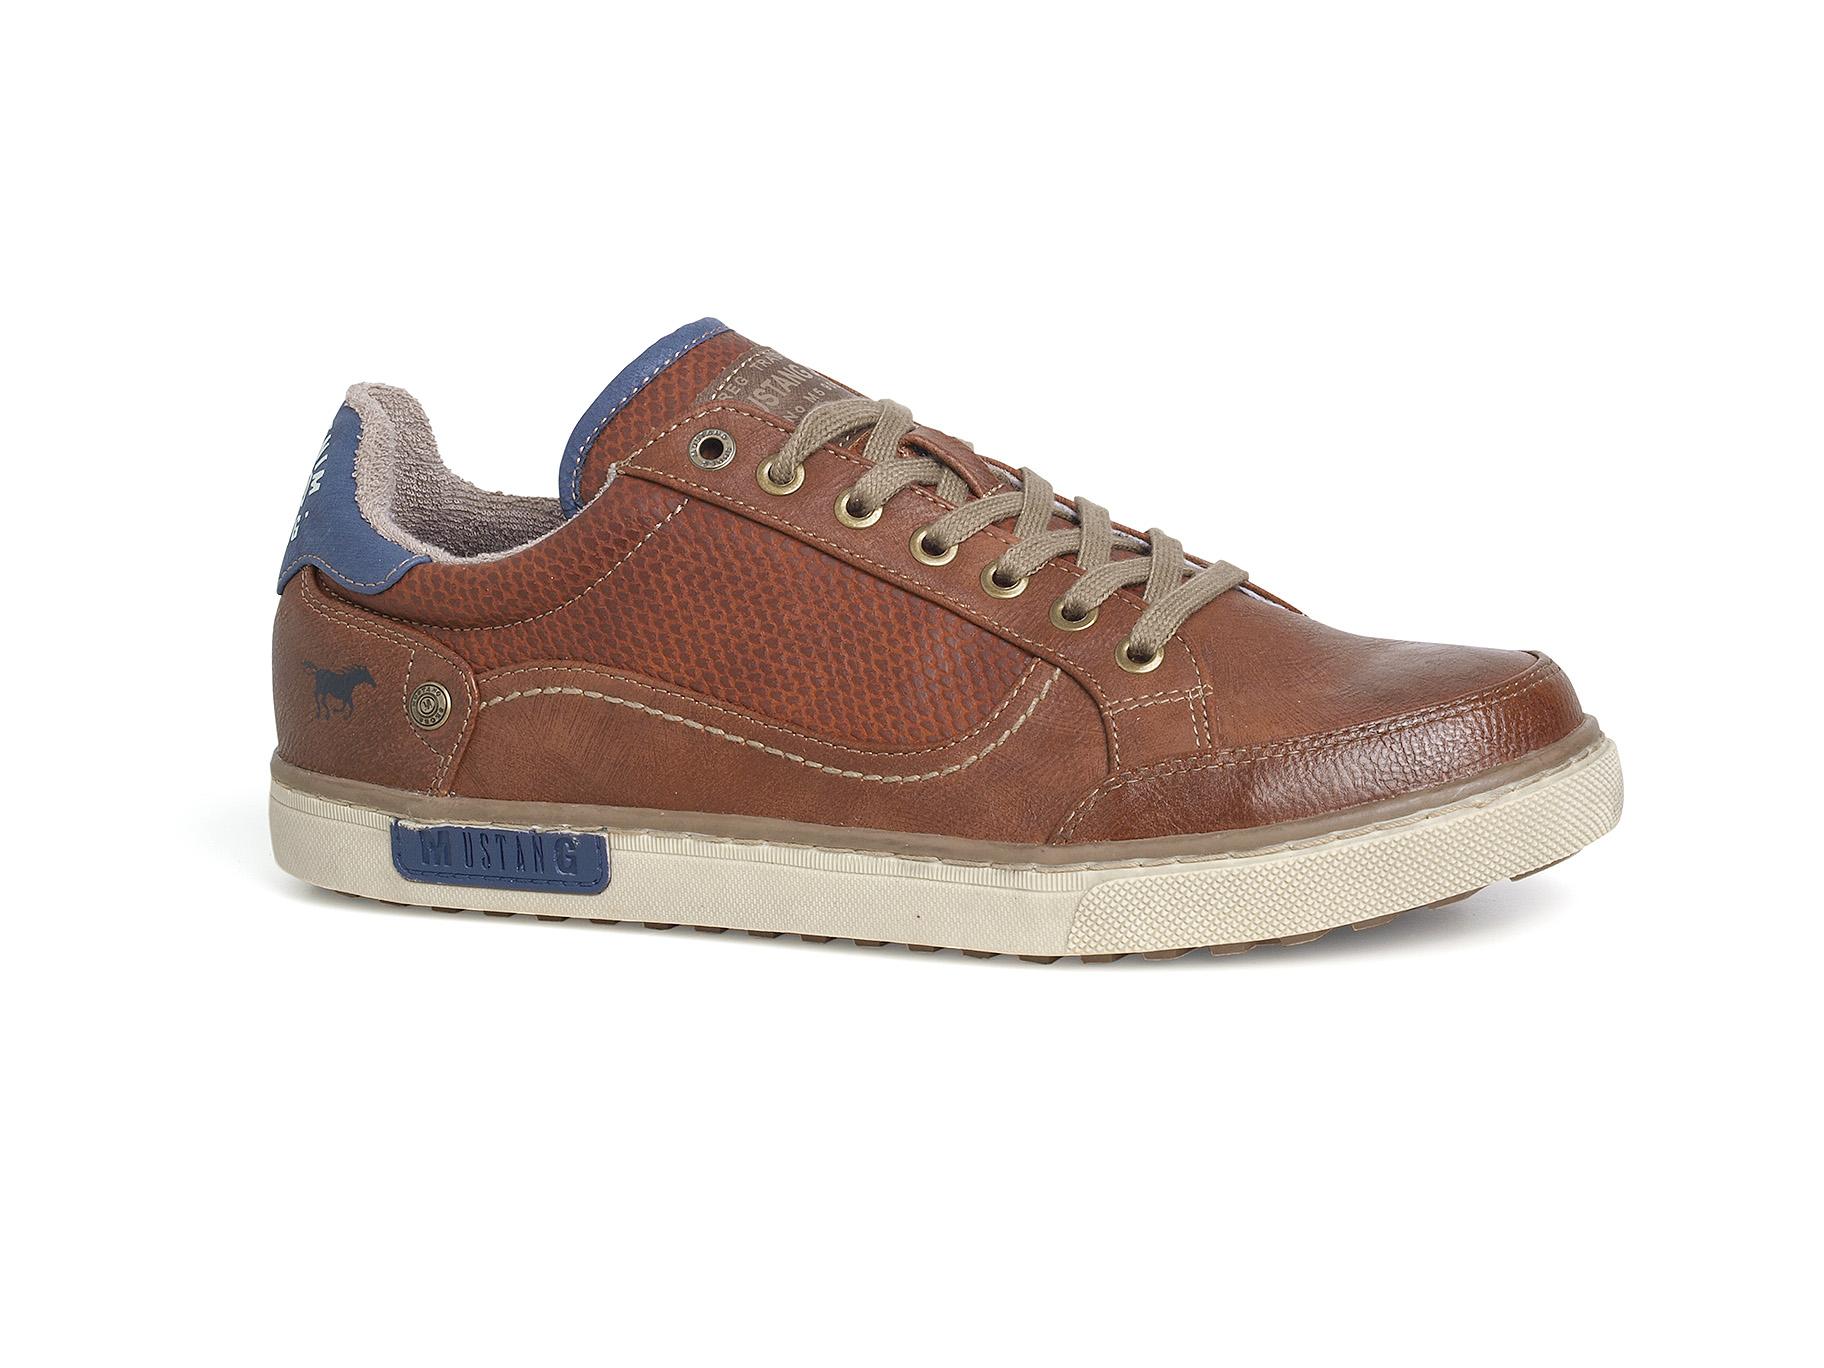 Mustang boty shoes buty schuhe topánky chaussure cipő čevlje schoenen  scarpe zapatos batai pantofi sko skor ... 32e9cf867a